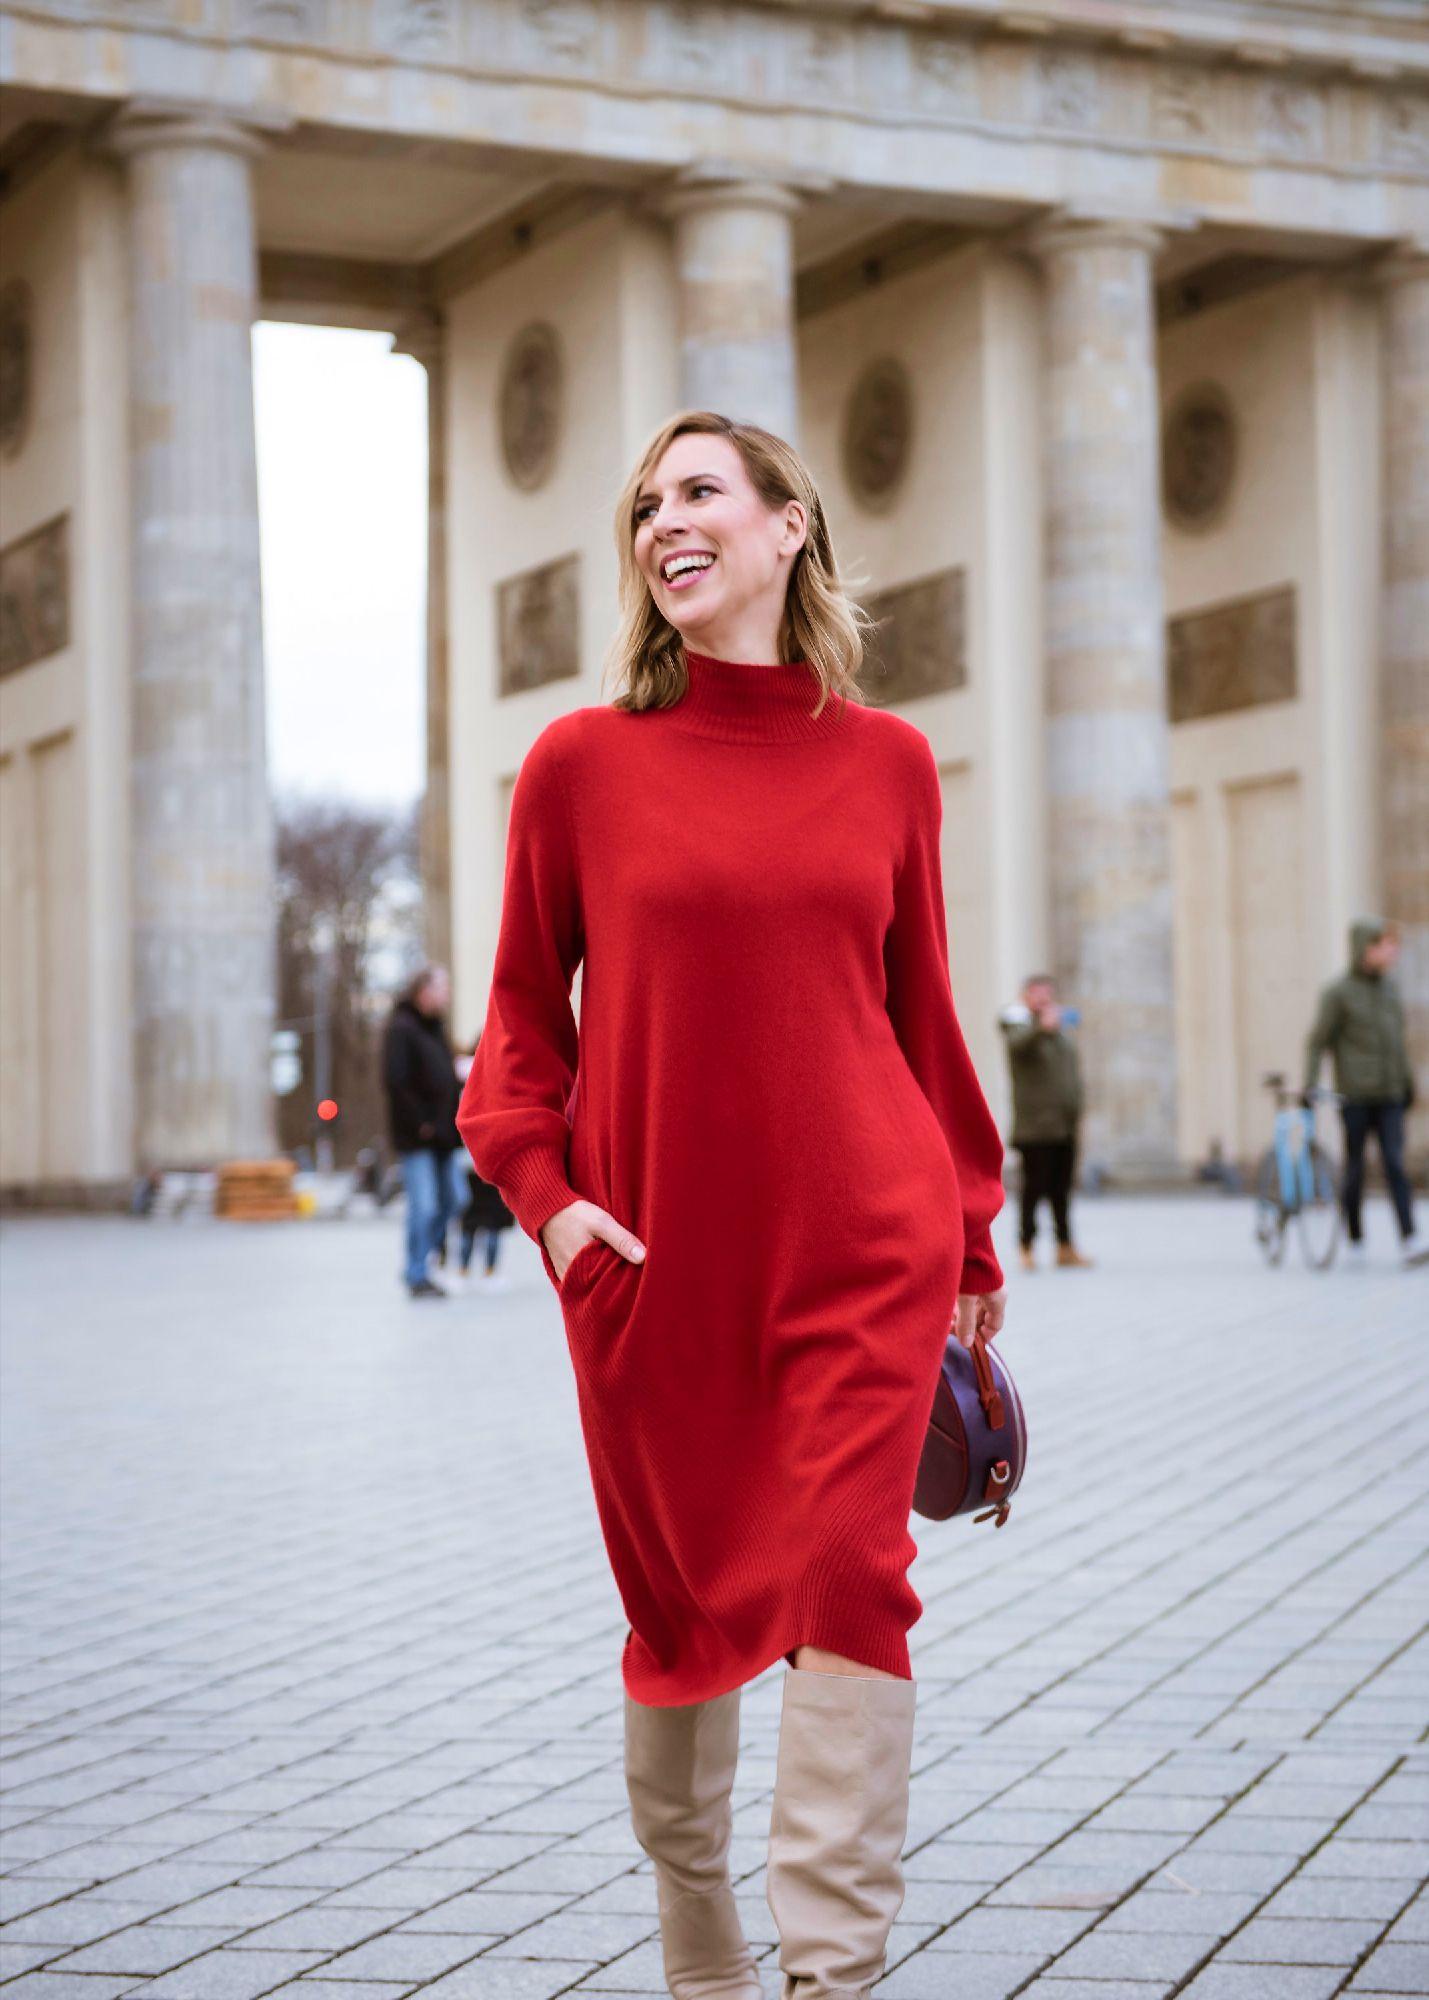 Edelziege Cashmere Kleid rot vor Brandenburger Tor